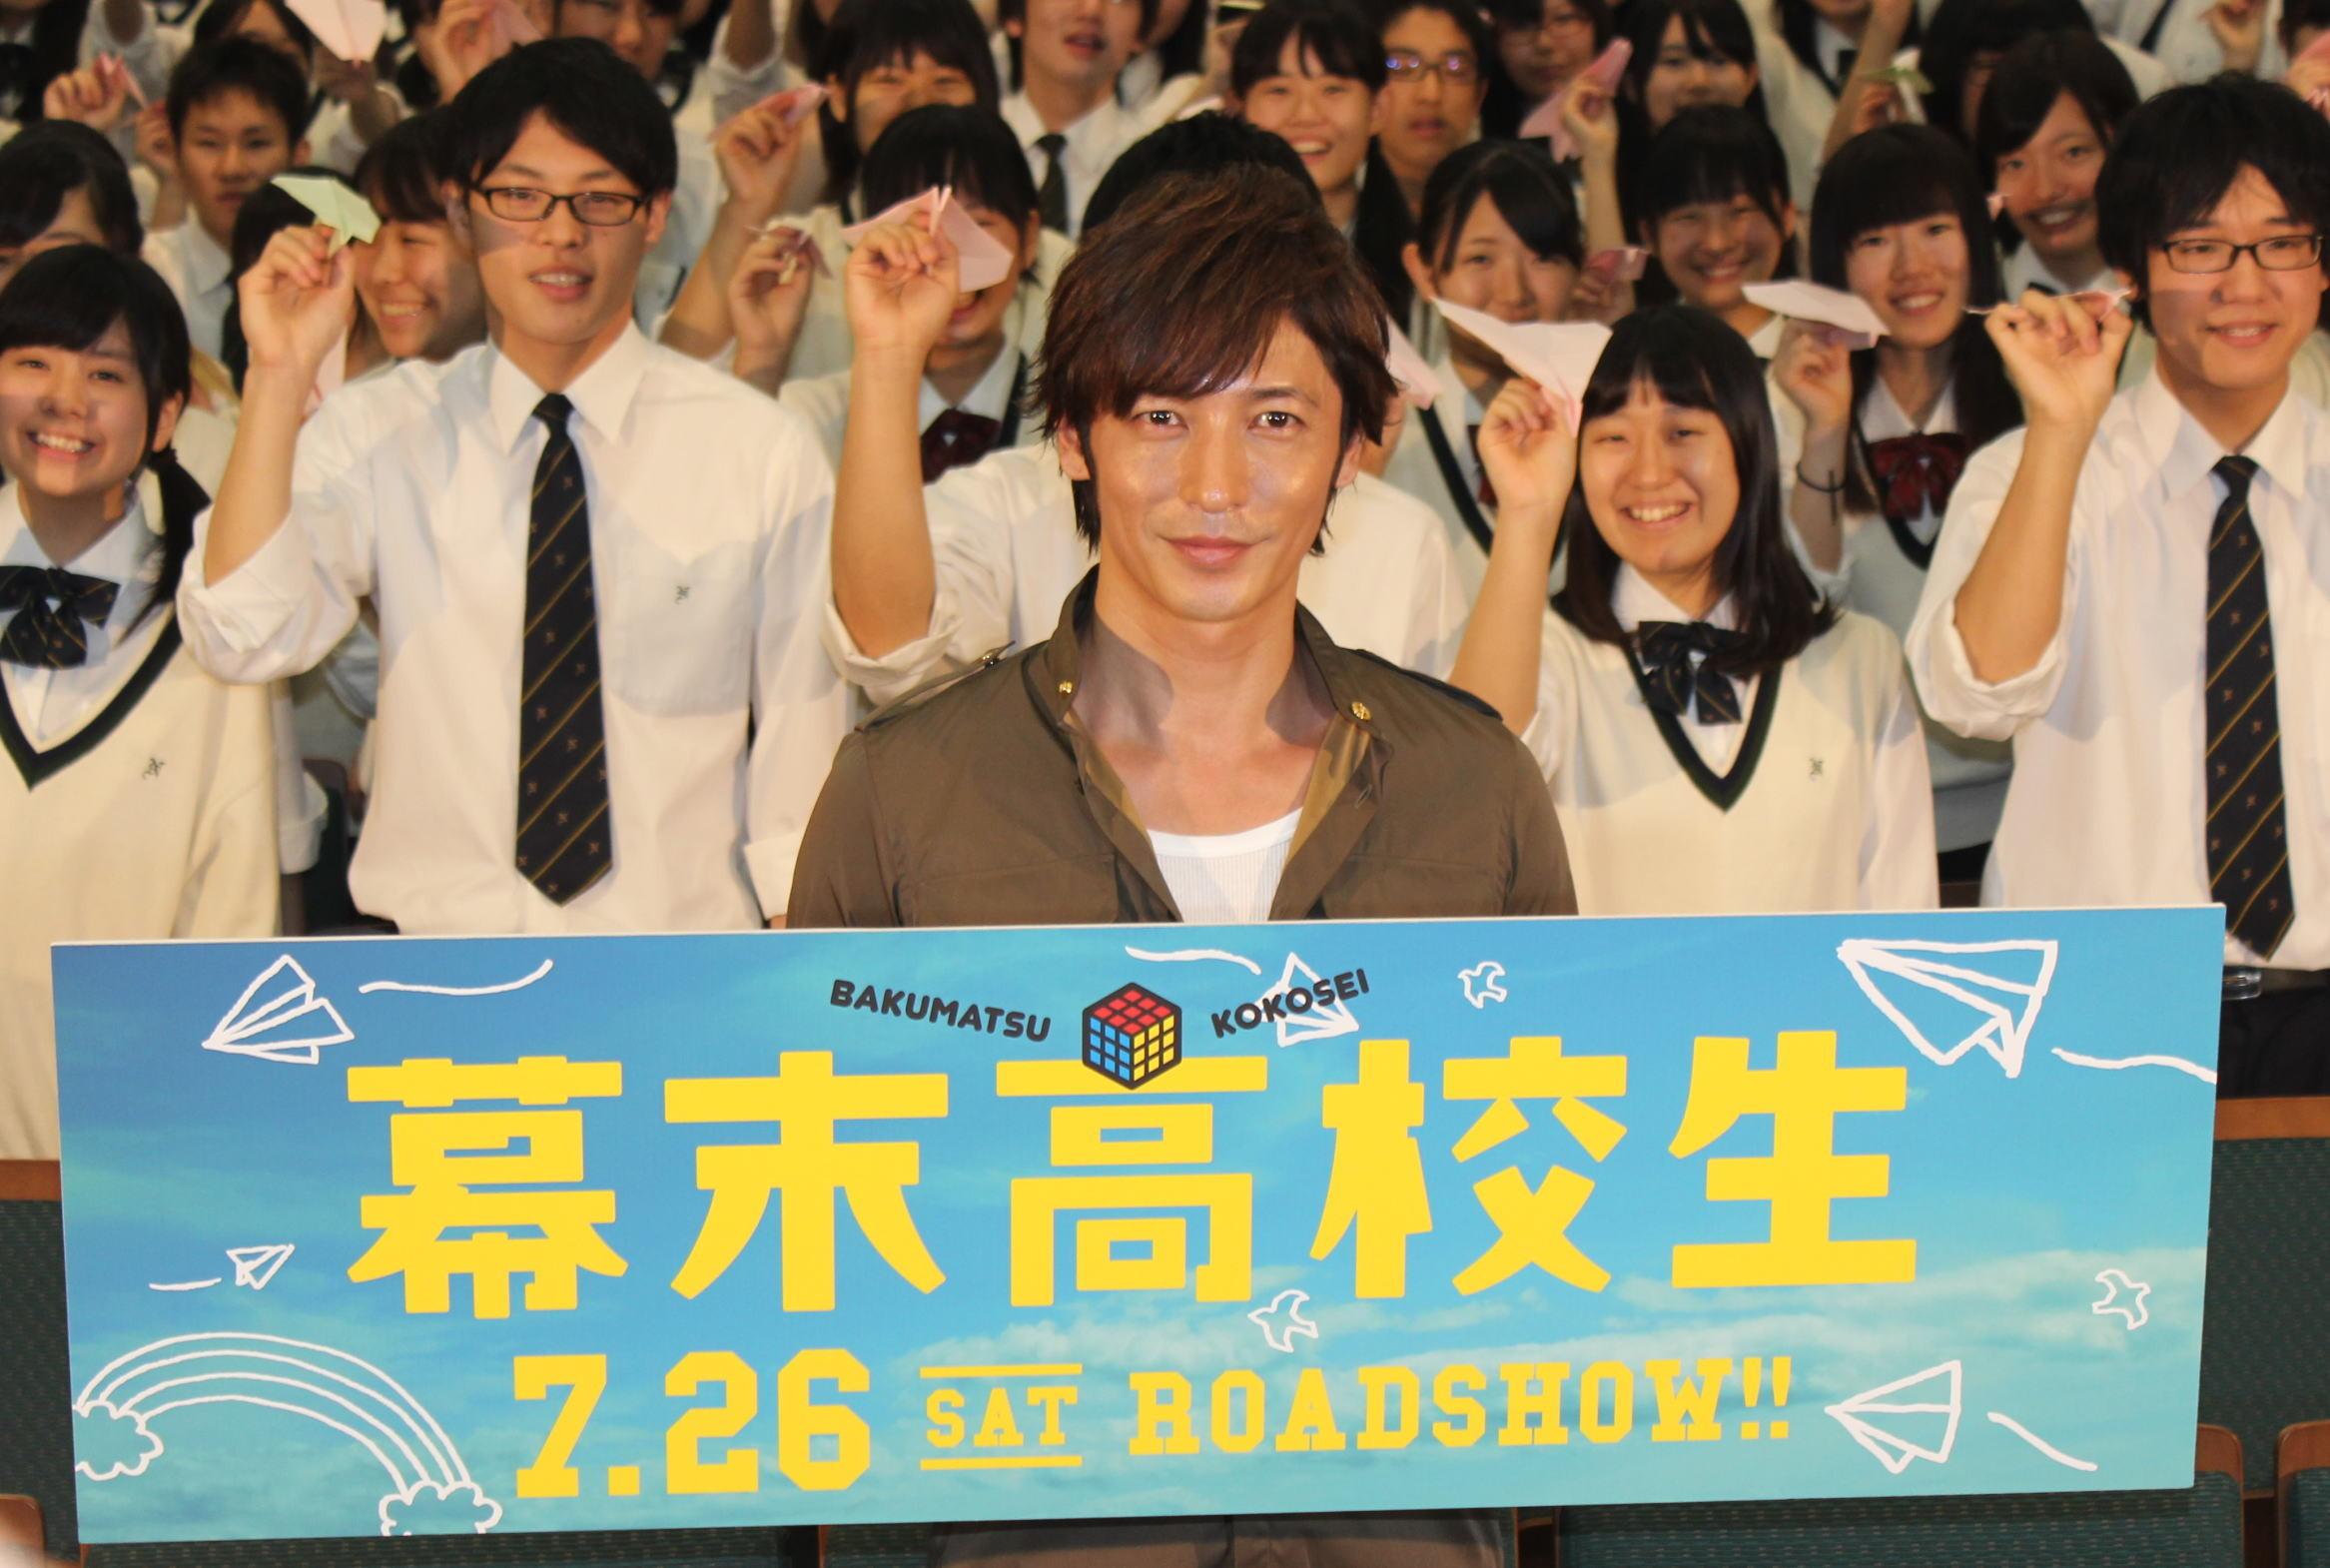 玉木宏、夢を追う高校生にエール「信念貫き、のびのびと」